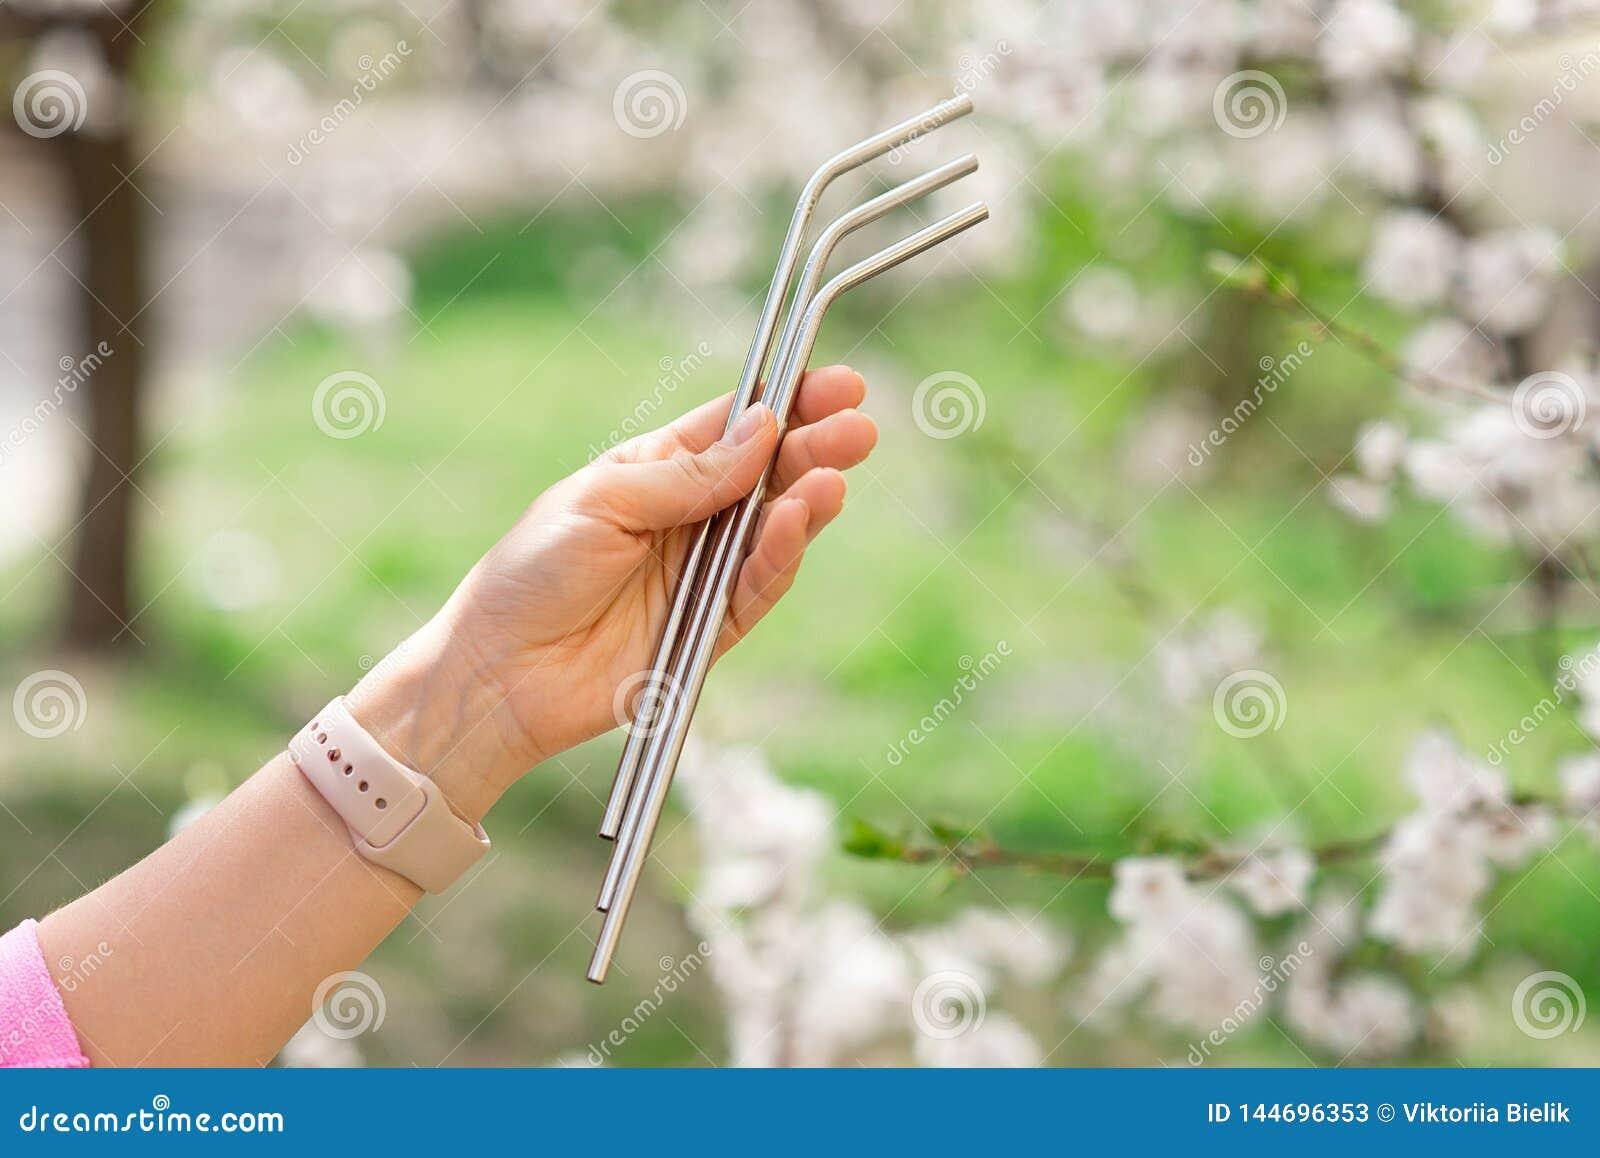 La fille tient des pailles d acier inoxydable pour r?duire la quantit? de d?chets en plastique dans l environnement